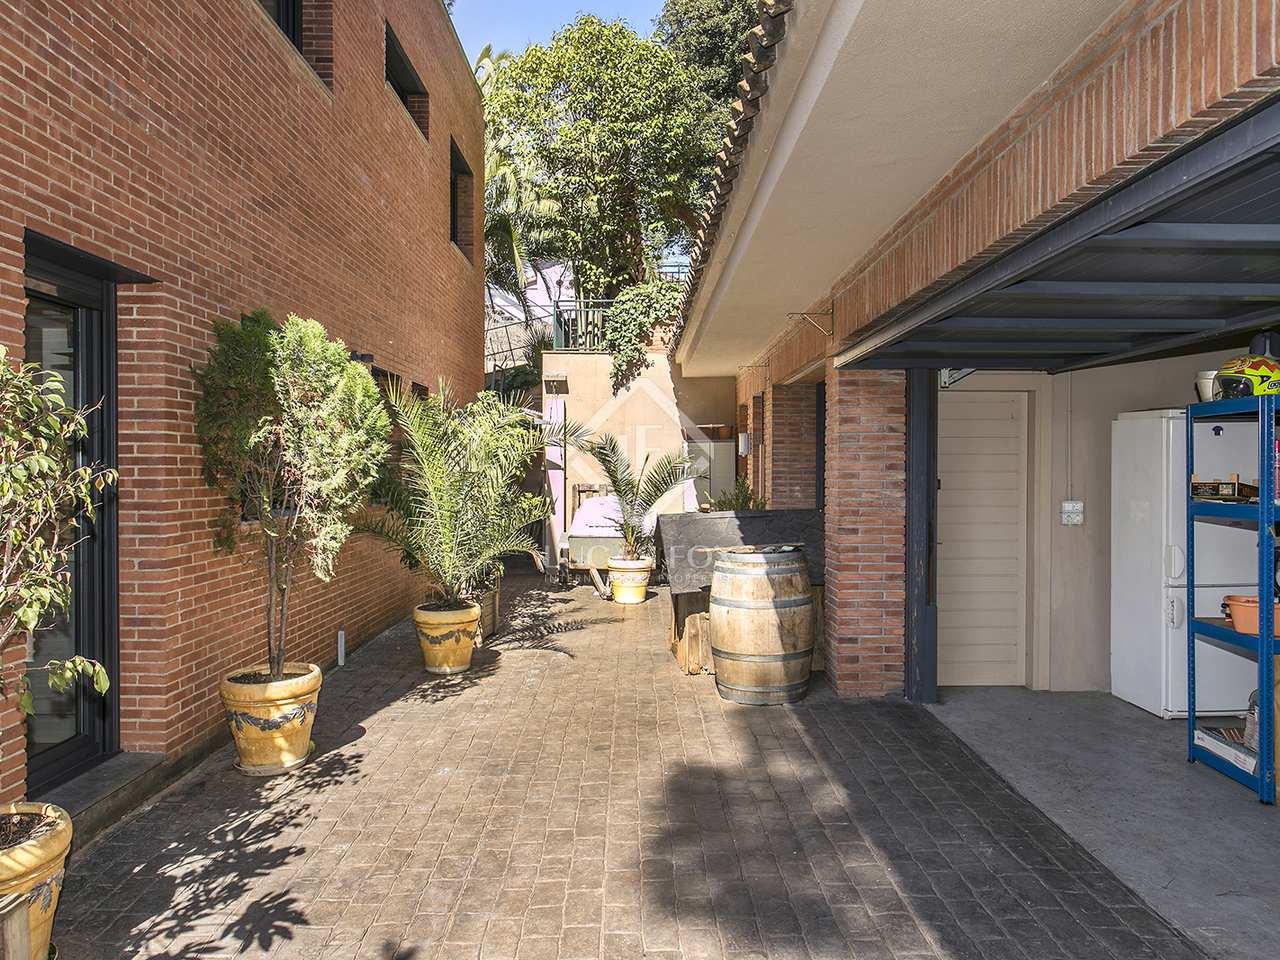 Maison villa de 265m a louer sant cugat avec 700m de jardin - Spa sant cugat ...